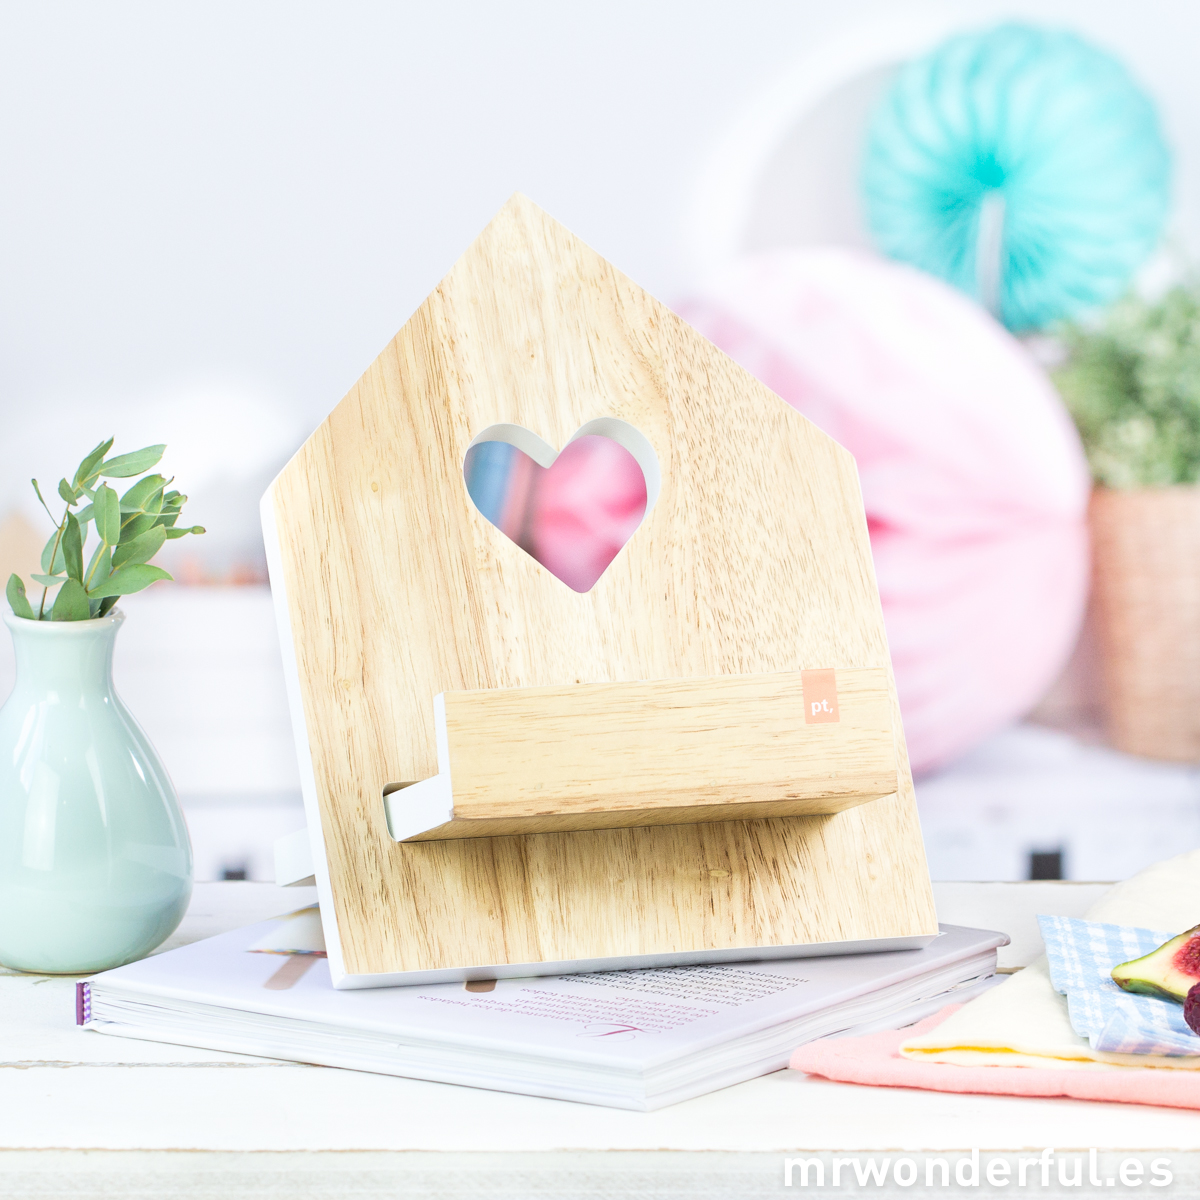 mrwonderful_PT2260WH_atril-madera-libros-recetas-11